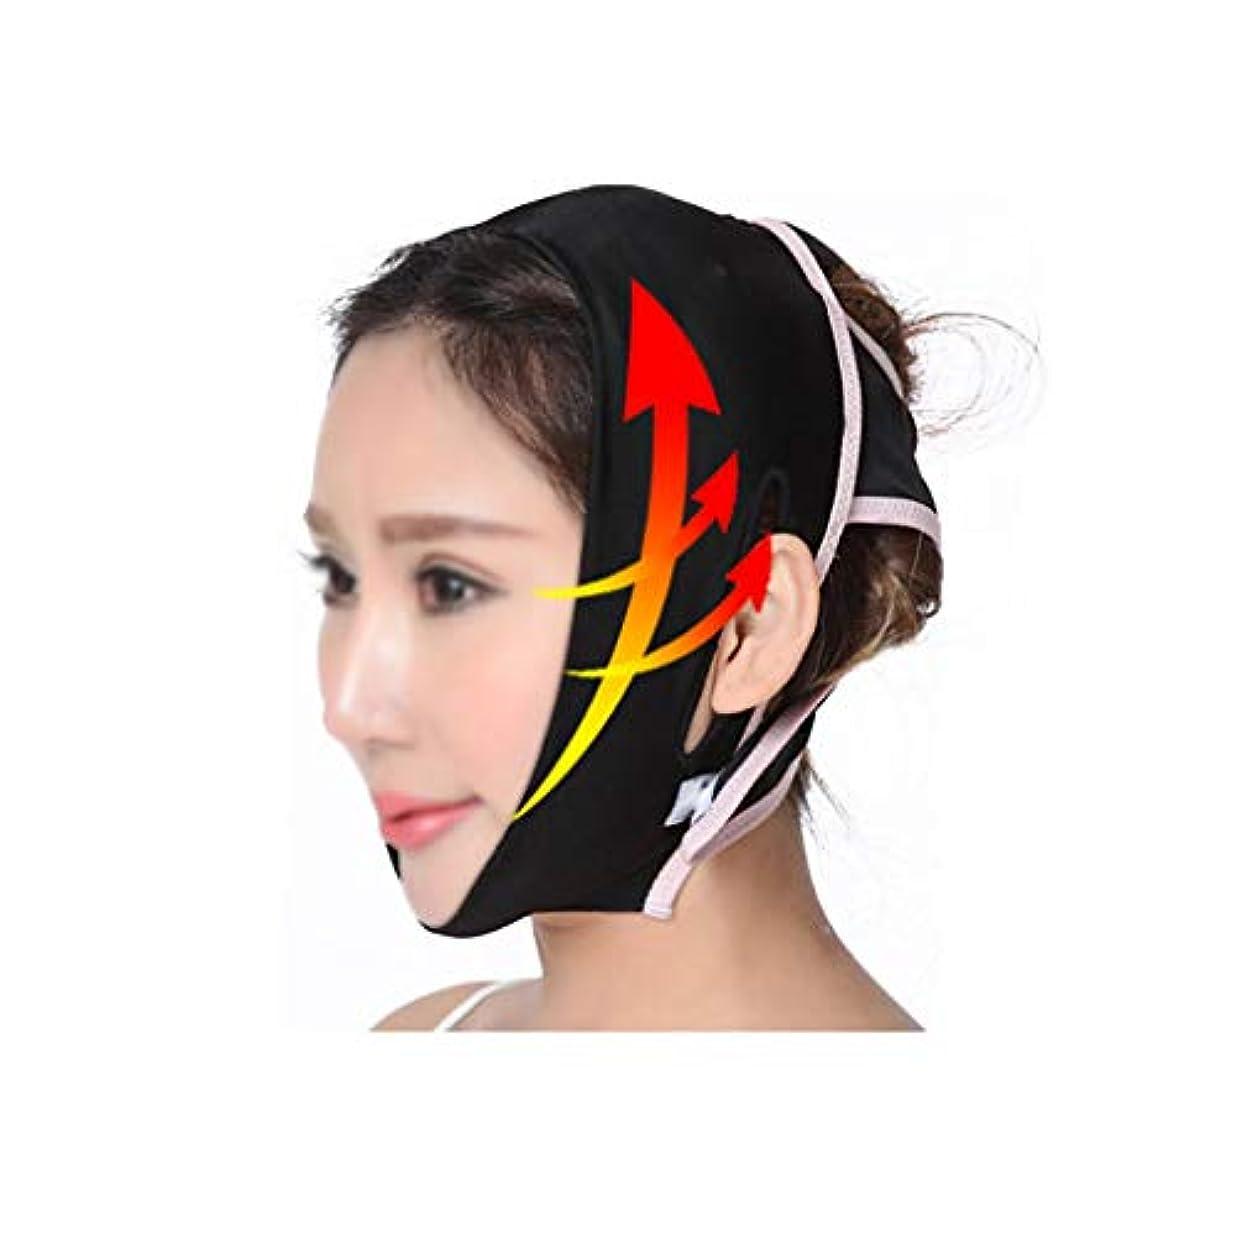 スリンク受付クライアントTLMY 薄い顔のマスクのマスクの睡眠の顔のプラスチック顔の包帯の顔の持ち上がるVの表面のアーチファクトの回復 ネックバンド 顔用整形マスク (Size : L)